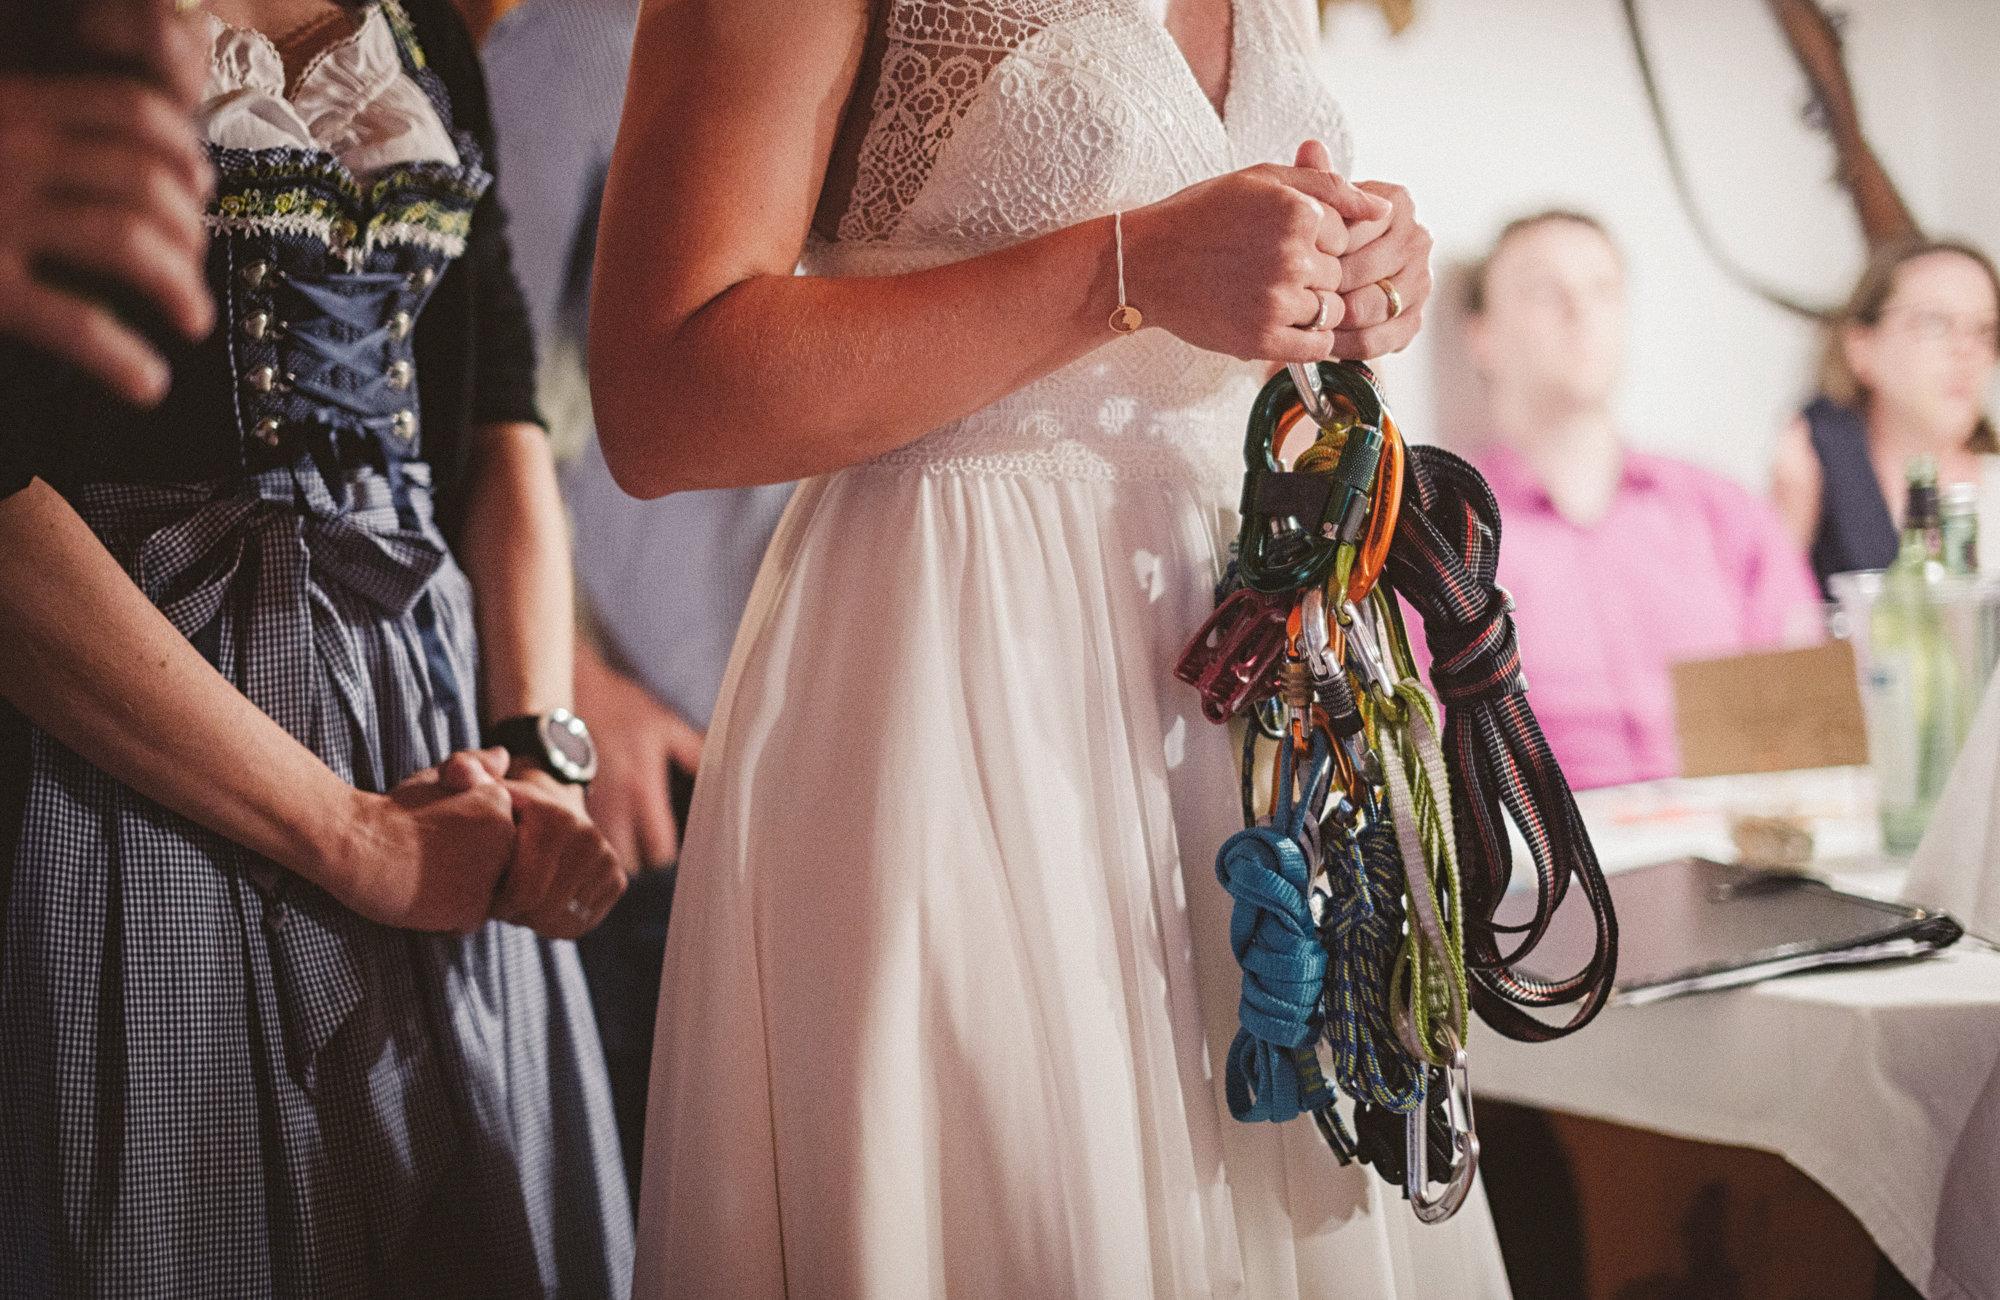 Alpenblick Armband, Hochzeitschmuck für Bergfans Bergzauber Kette Silber Hochzeitskleid